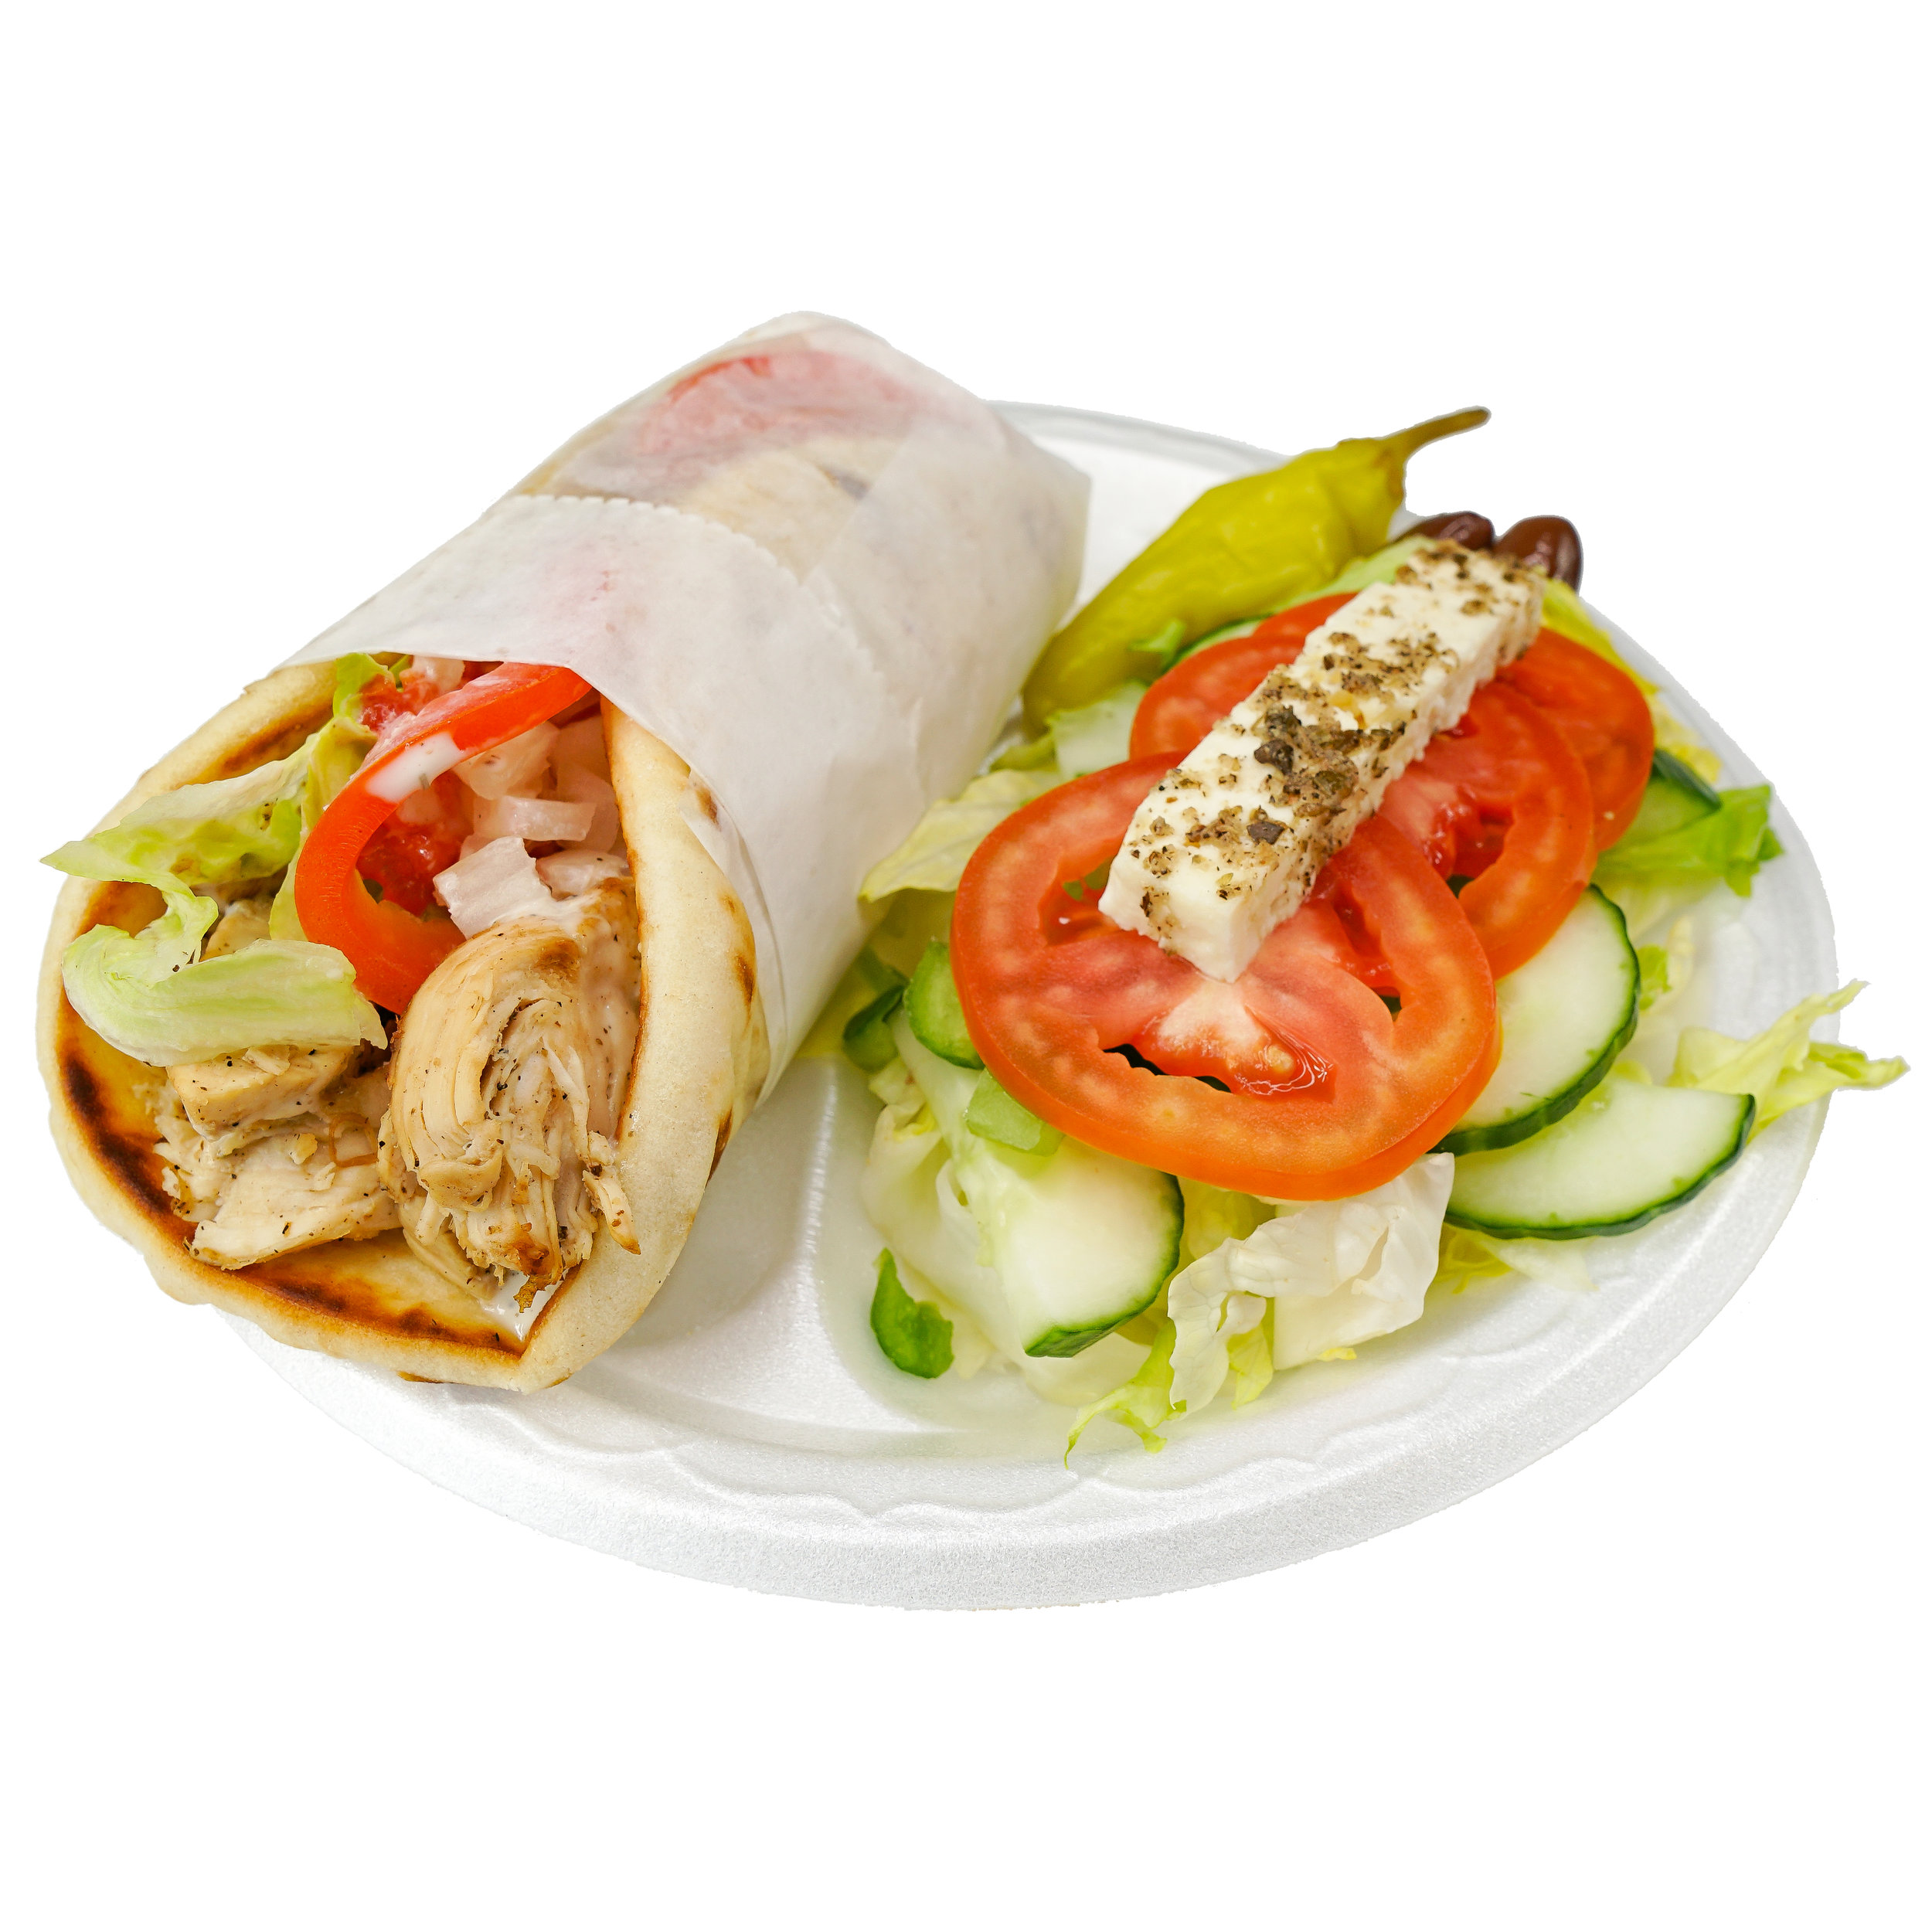 Chicken Wrap w/ Salad